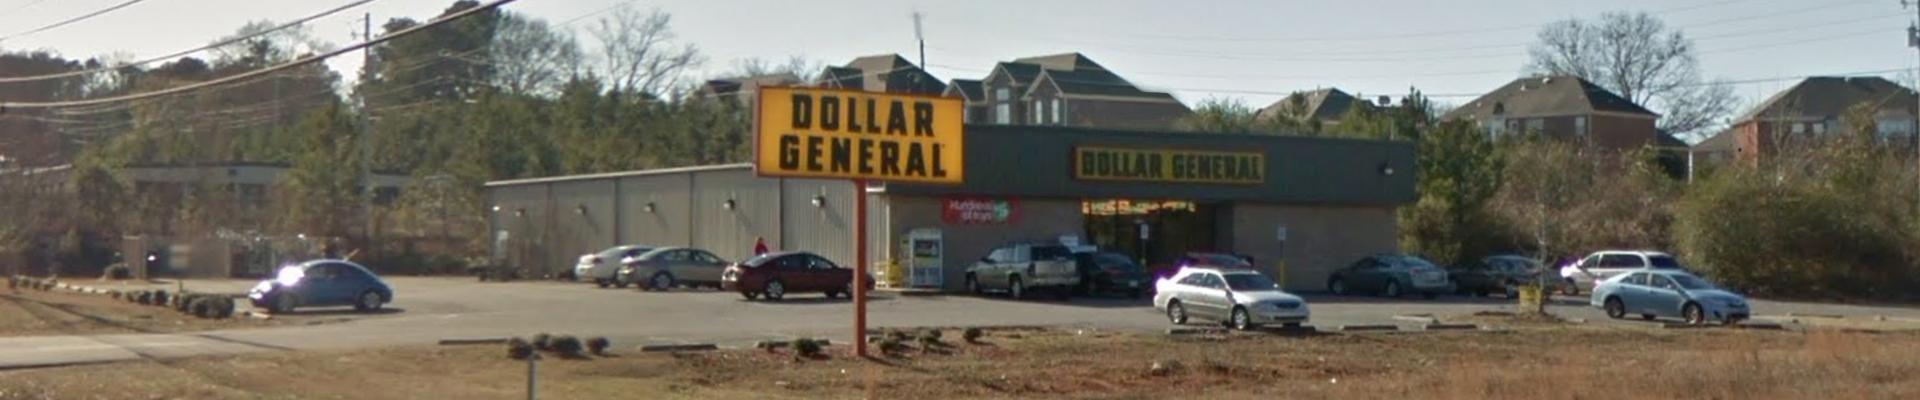 Dollar General 9861